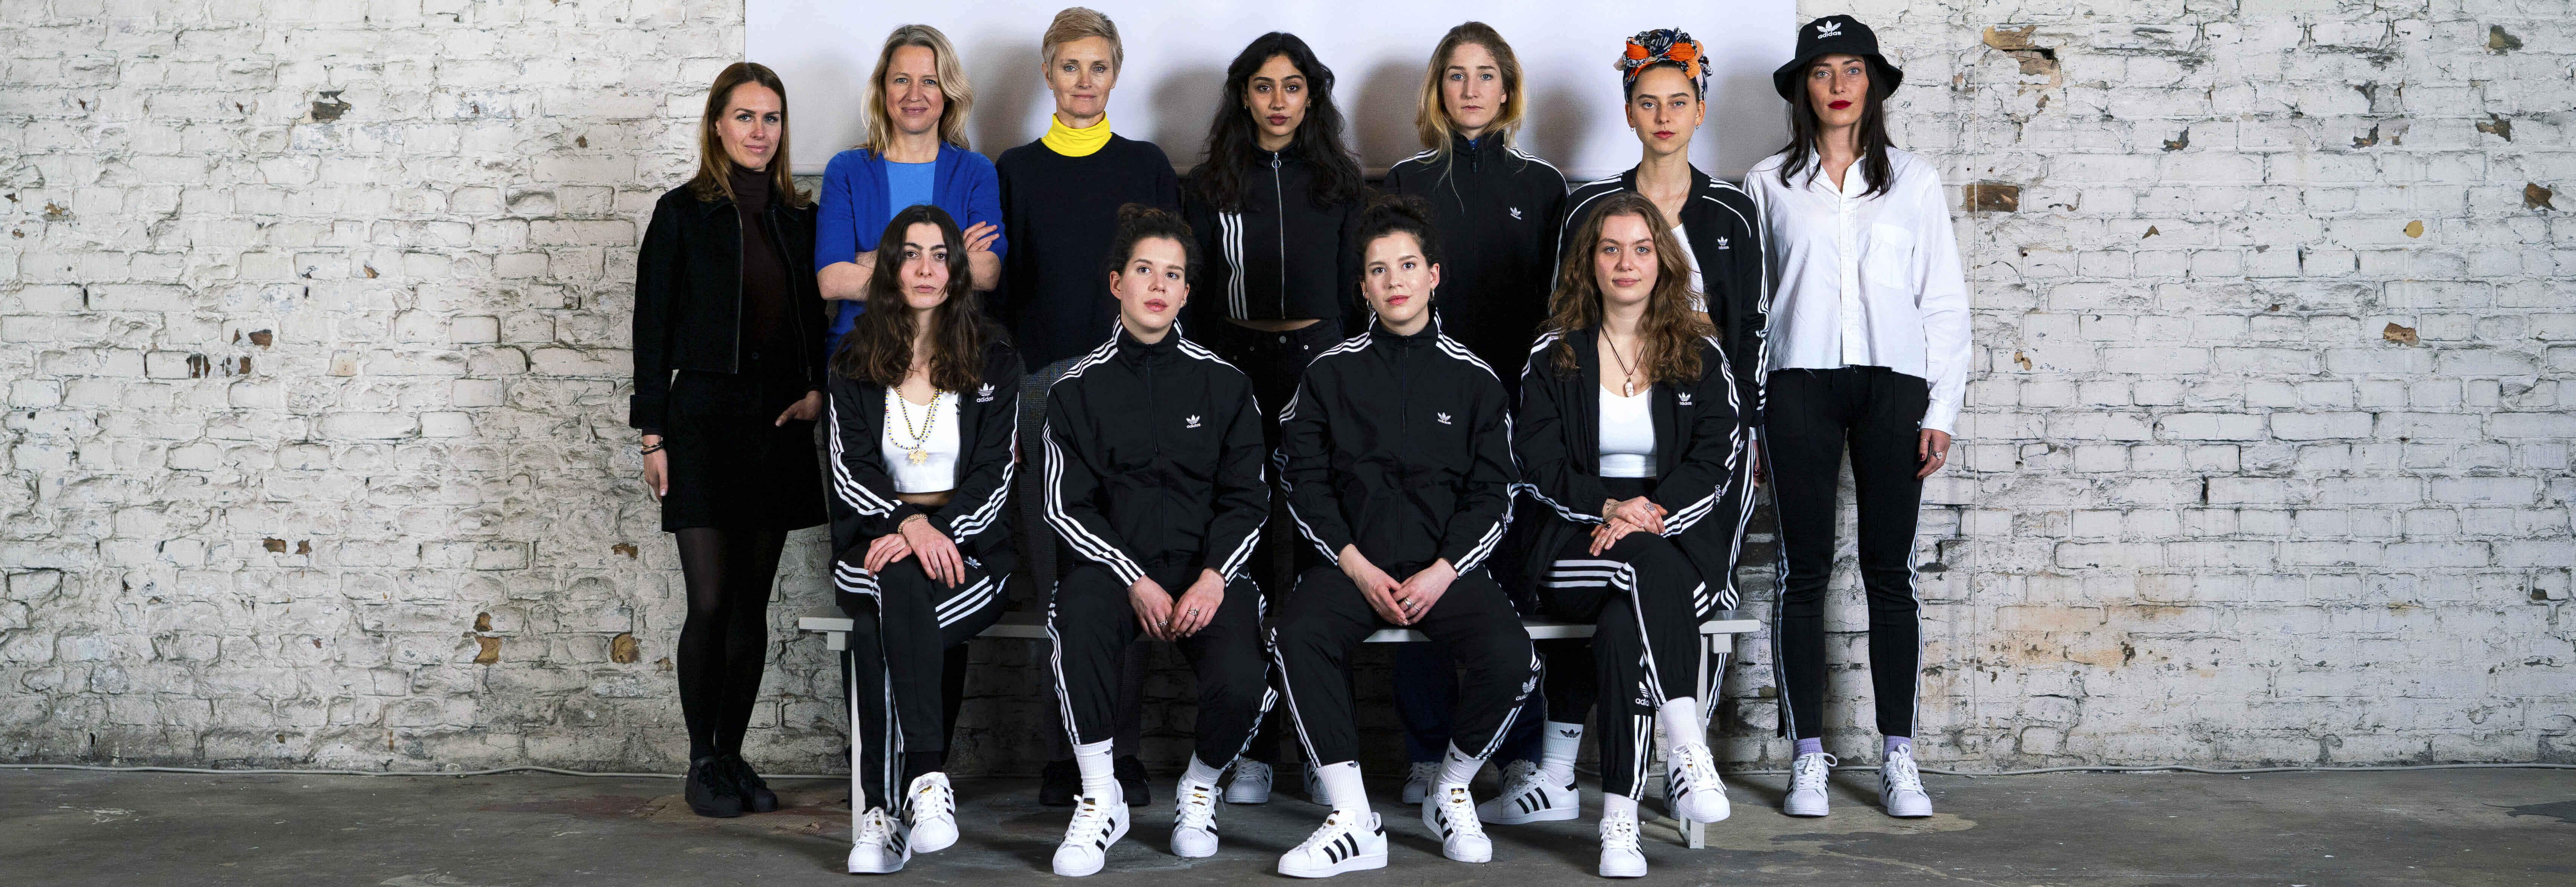 Kampagne XCHANGE mit adidas Originals für mehr Frauen in der Kunst zeigt acht Künstlerinnen und drei renommierte Frauen aus der Kunst im XCHANGE Space in Berlin Kreuzberg